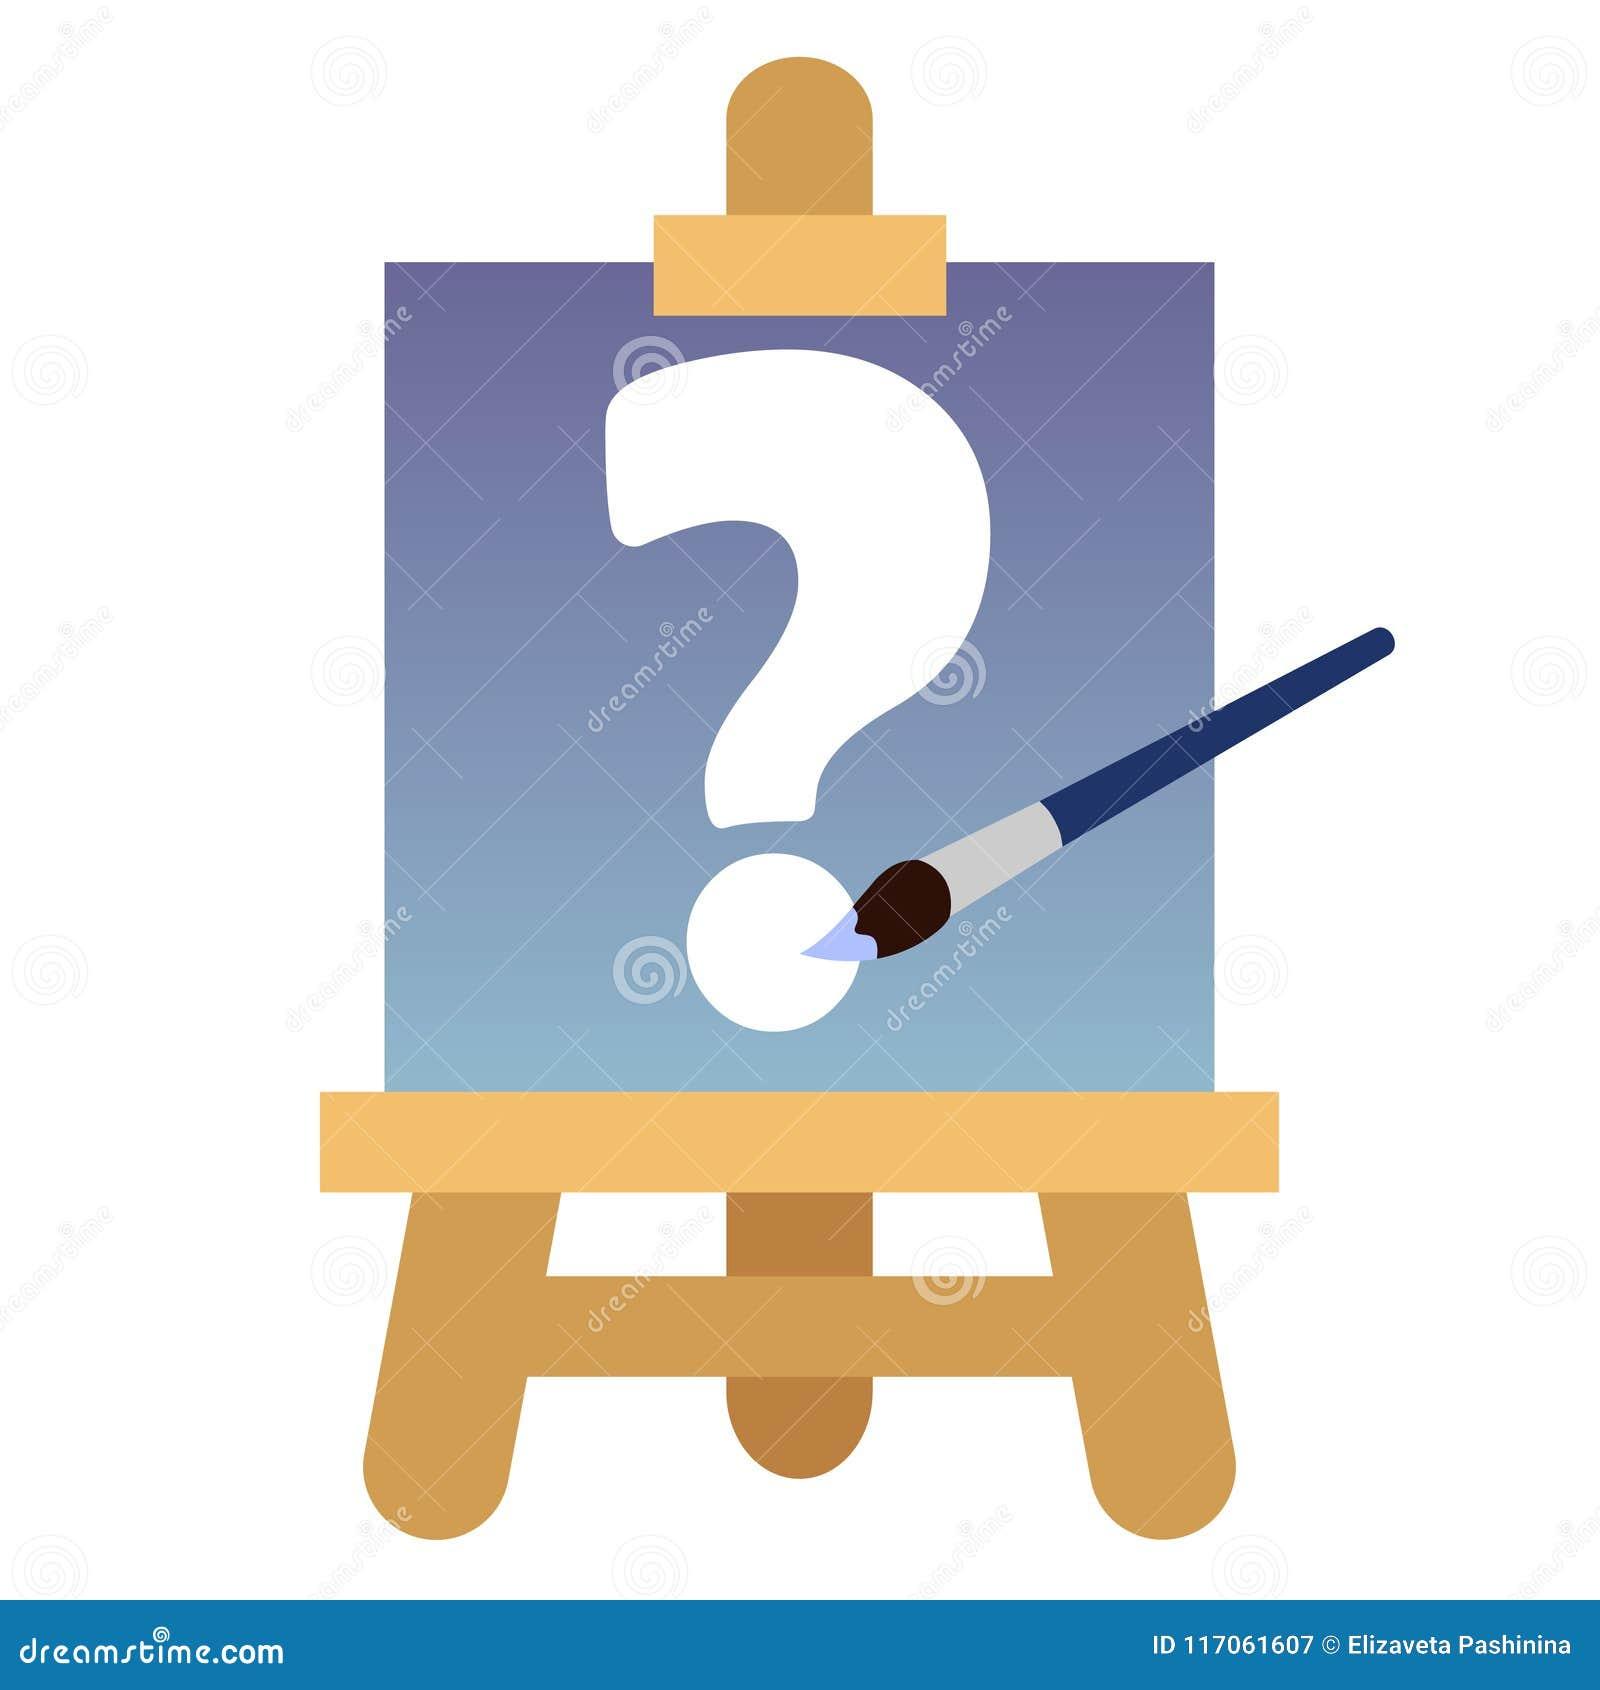 Ikona z drewnianą sztalugą, brezentowy biały znak zapytania i błękit, szczotkujemy